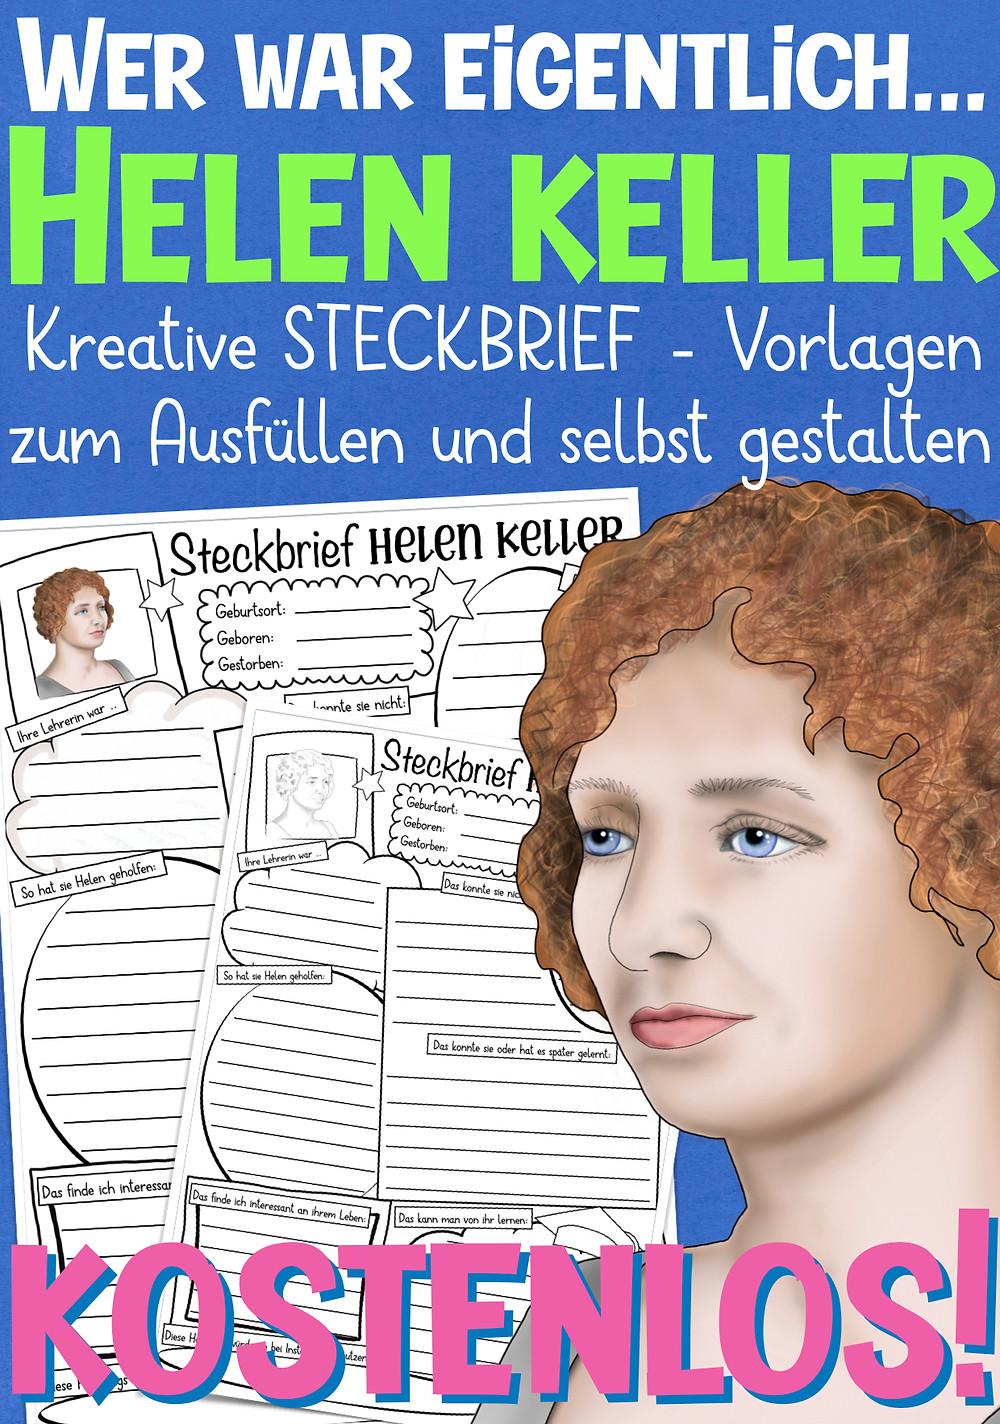 Helen Keller Steckbrief für die Grundschule - kostenlose Arbeitsblätter